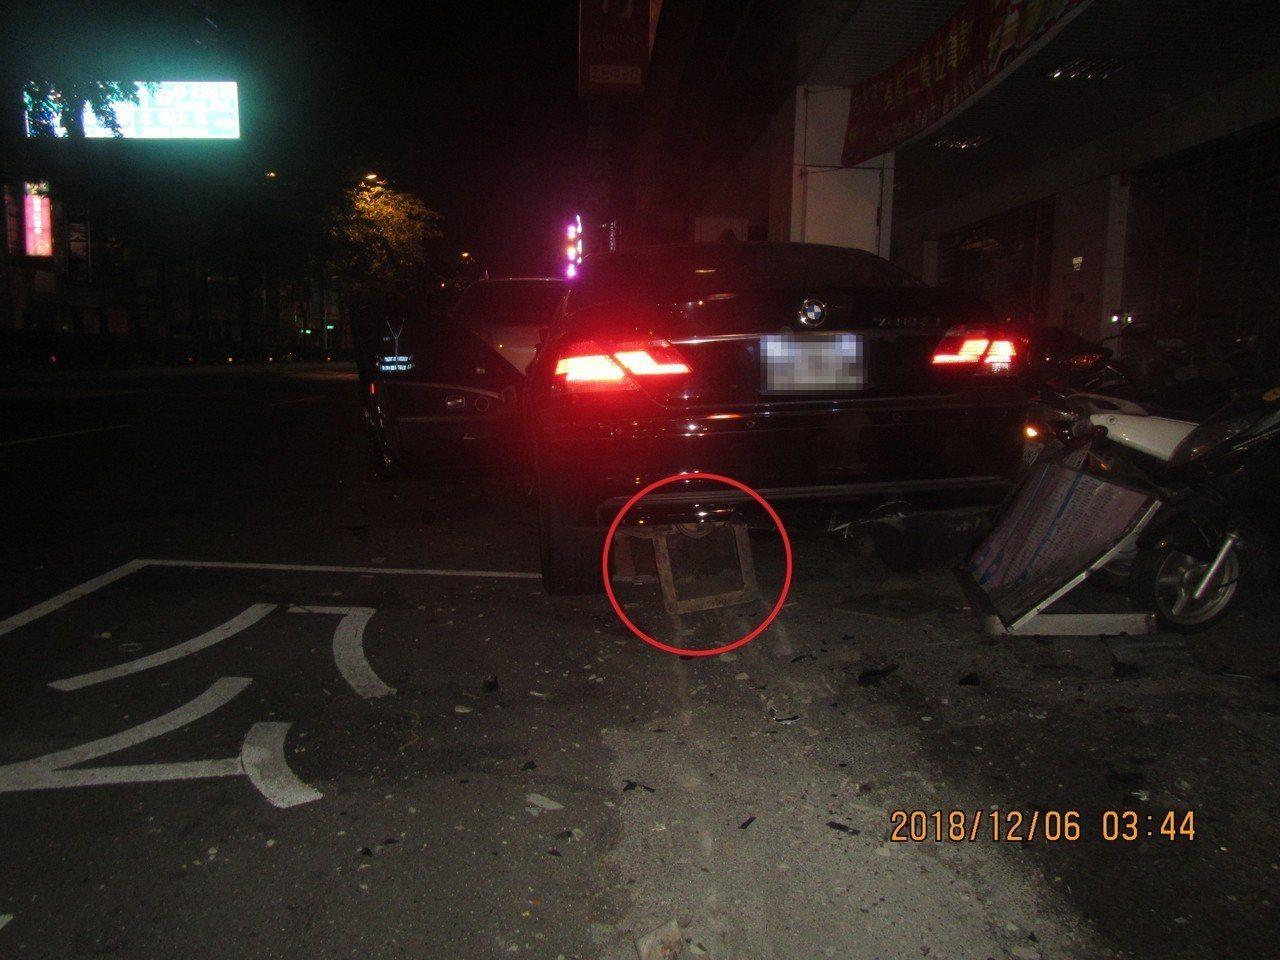 路旁「頂賴厝」站牌(紅色圓圈處)遭連根拔起,卡在黑車BMW底盤,黑車再撞擊前方兩...